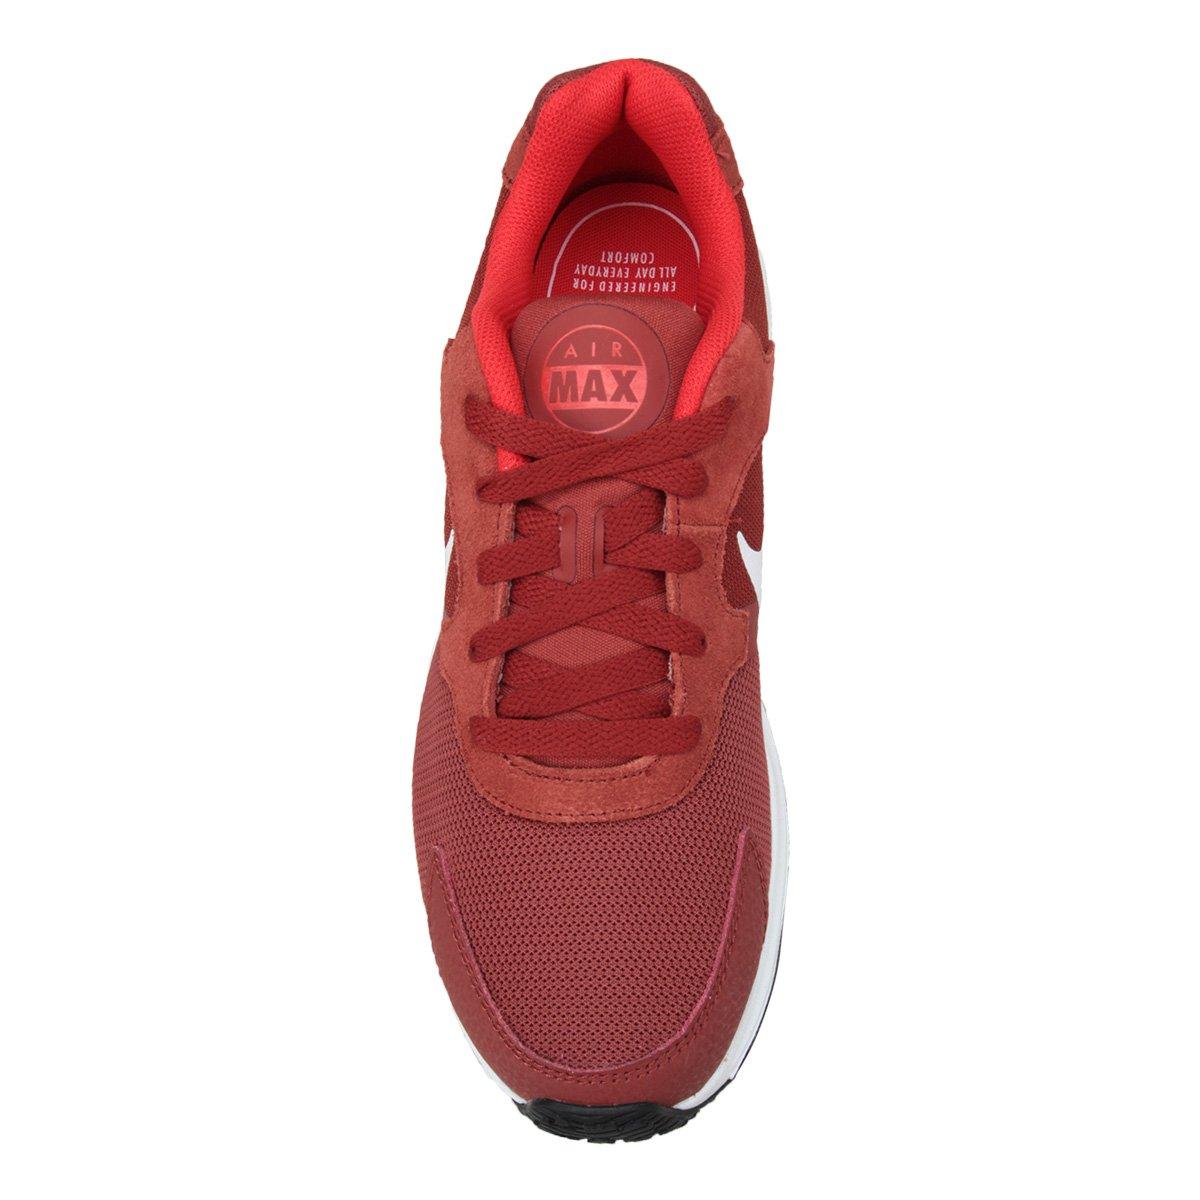 6ce76cafacb7b Tênis Nike Air Max Guile Masculino - Tam: 44 - Shopping TudoAzul